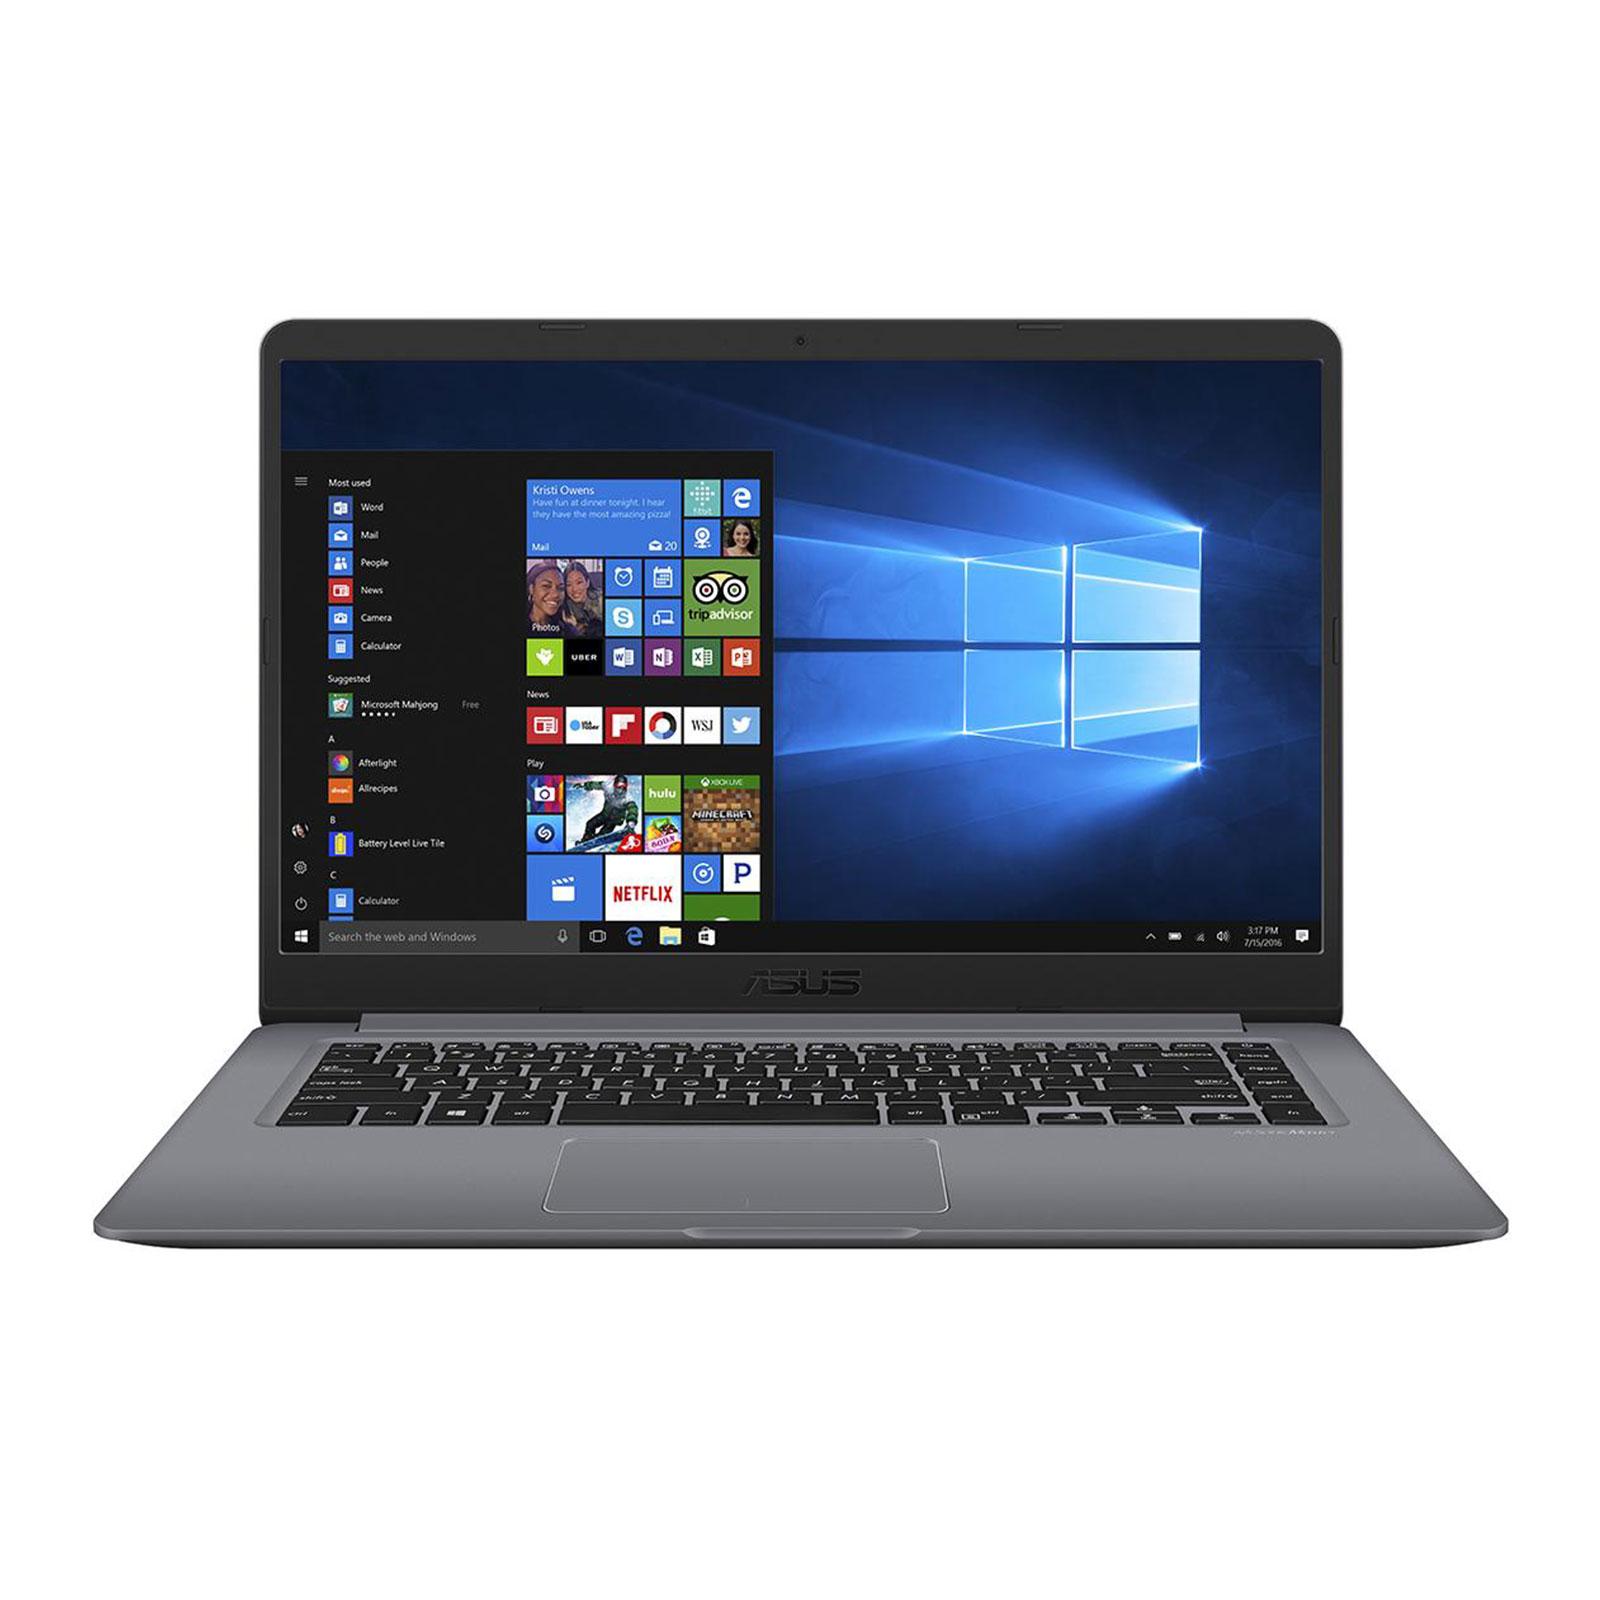 """PC portable ASUS Vivobook S15 S501UA-EJ763T Intel Core i5-8250U 8 Go SSD 128 Go + HDD 1 To 15.6"""" LED Full HD Wi-Fi AC/Bluetooth Webcam Windows 10 Famille 64 bits (garantie constructeur 2 ans)"""